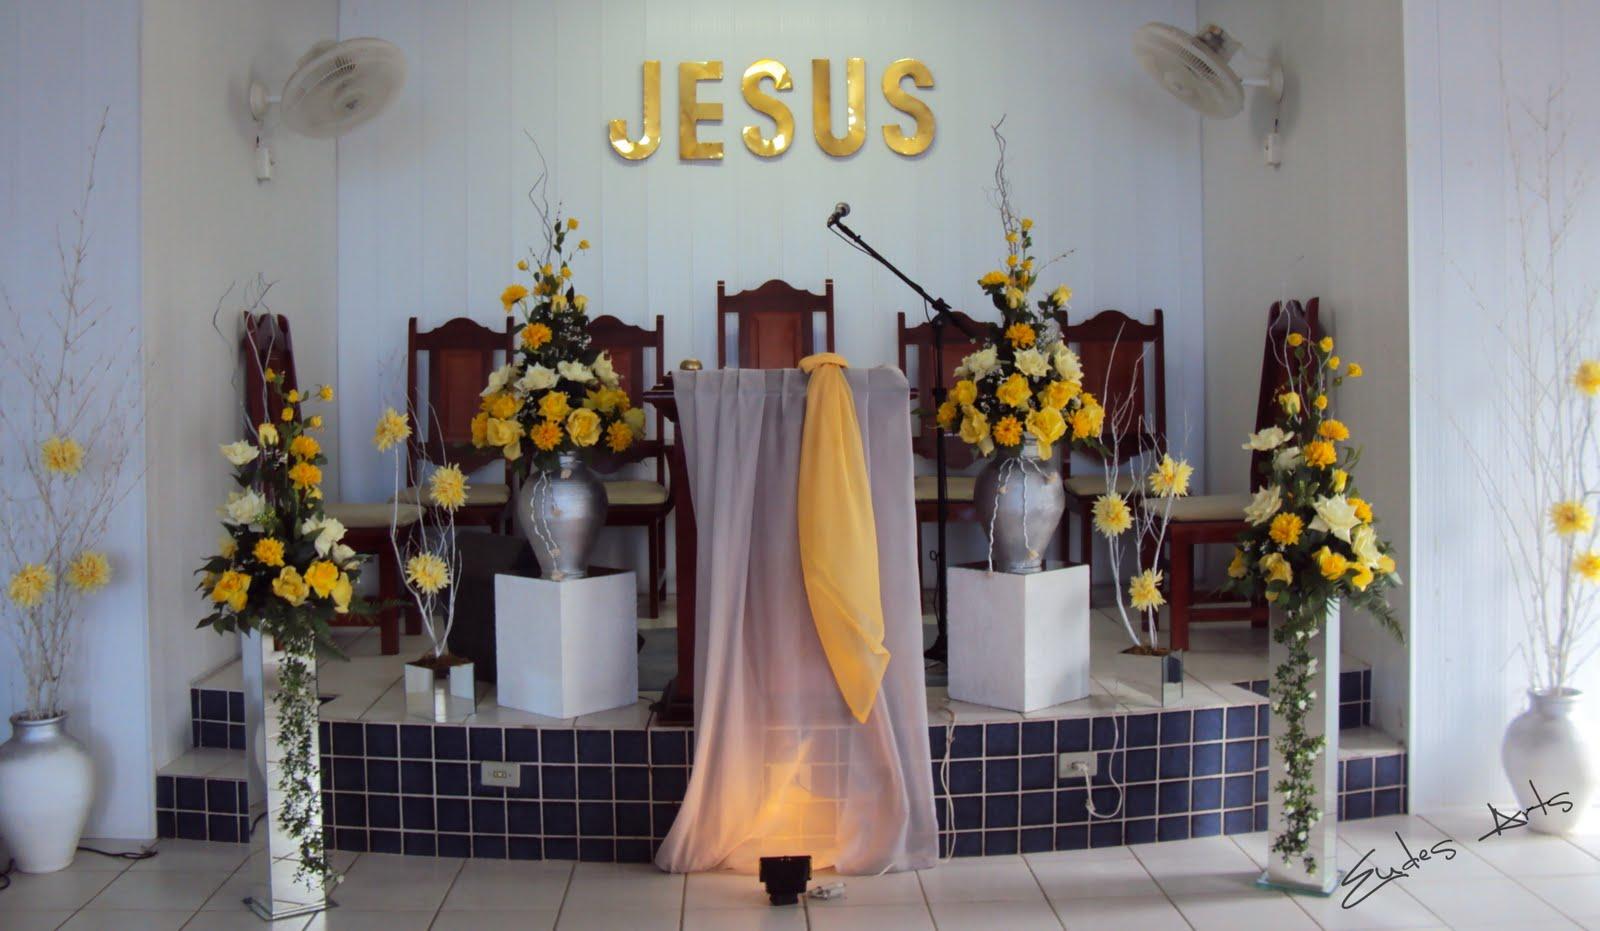 Enfeite De Igreja ~ Decoraç u00e3o para Igrejas Evangélicas Dicas de Decoraç u00e3o de Casamento